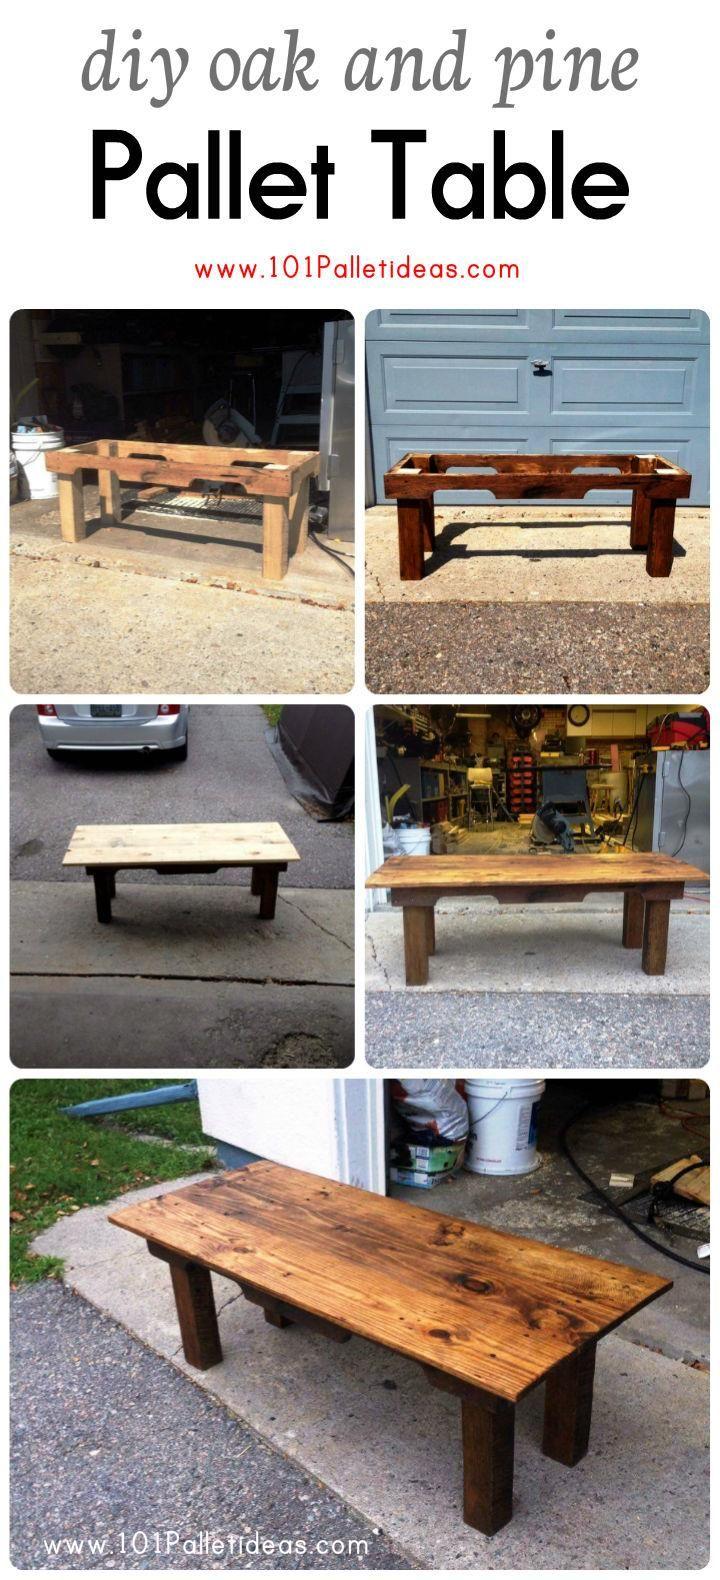 DIY-Oak-and-Pine-Pallet-Table.jpg (720×1580)